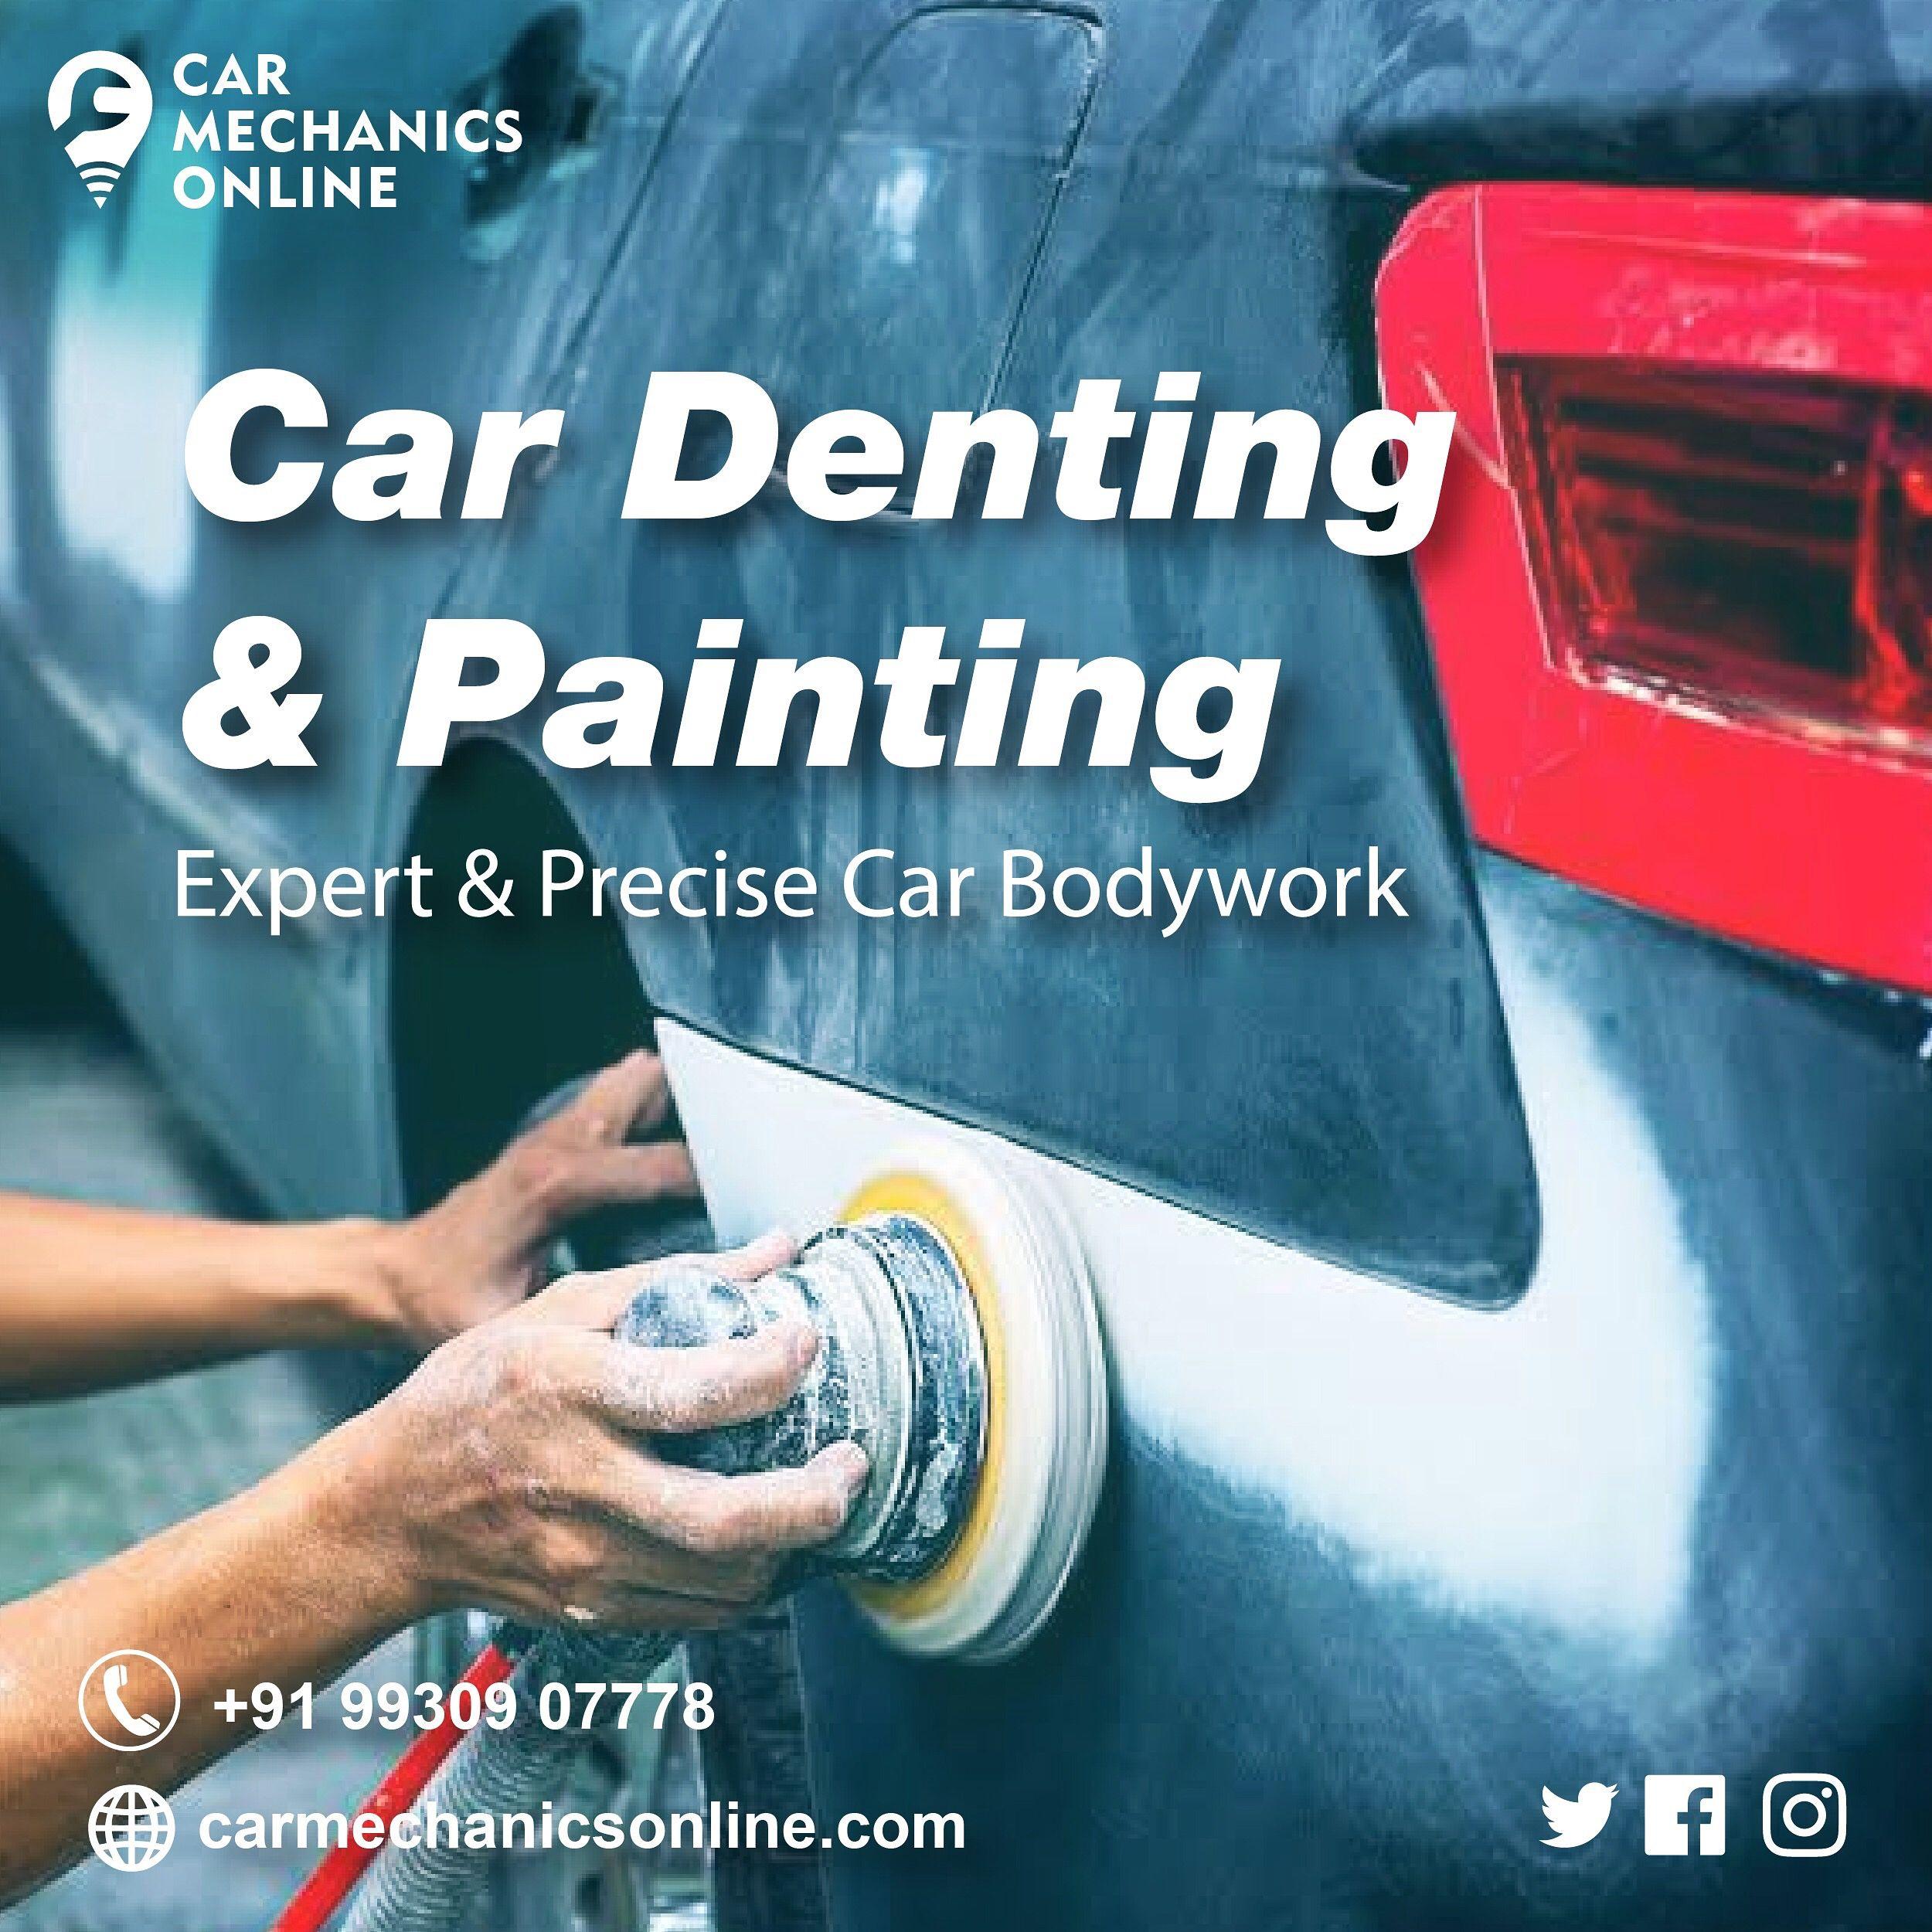 Pin on Car Repair & Service in Mumbai